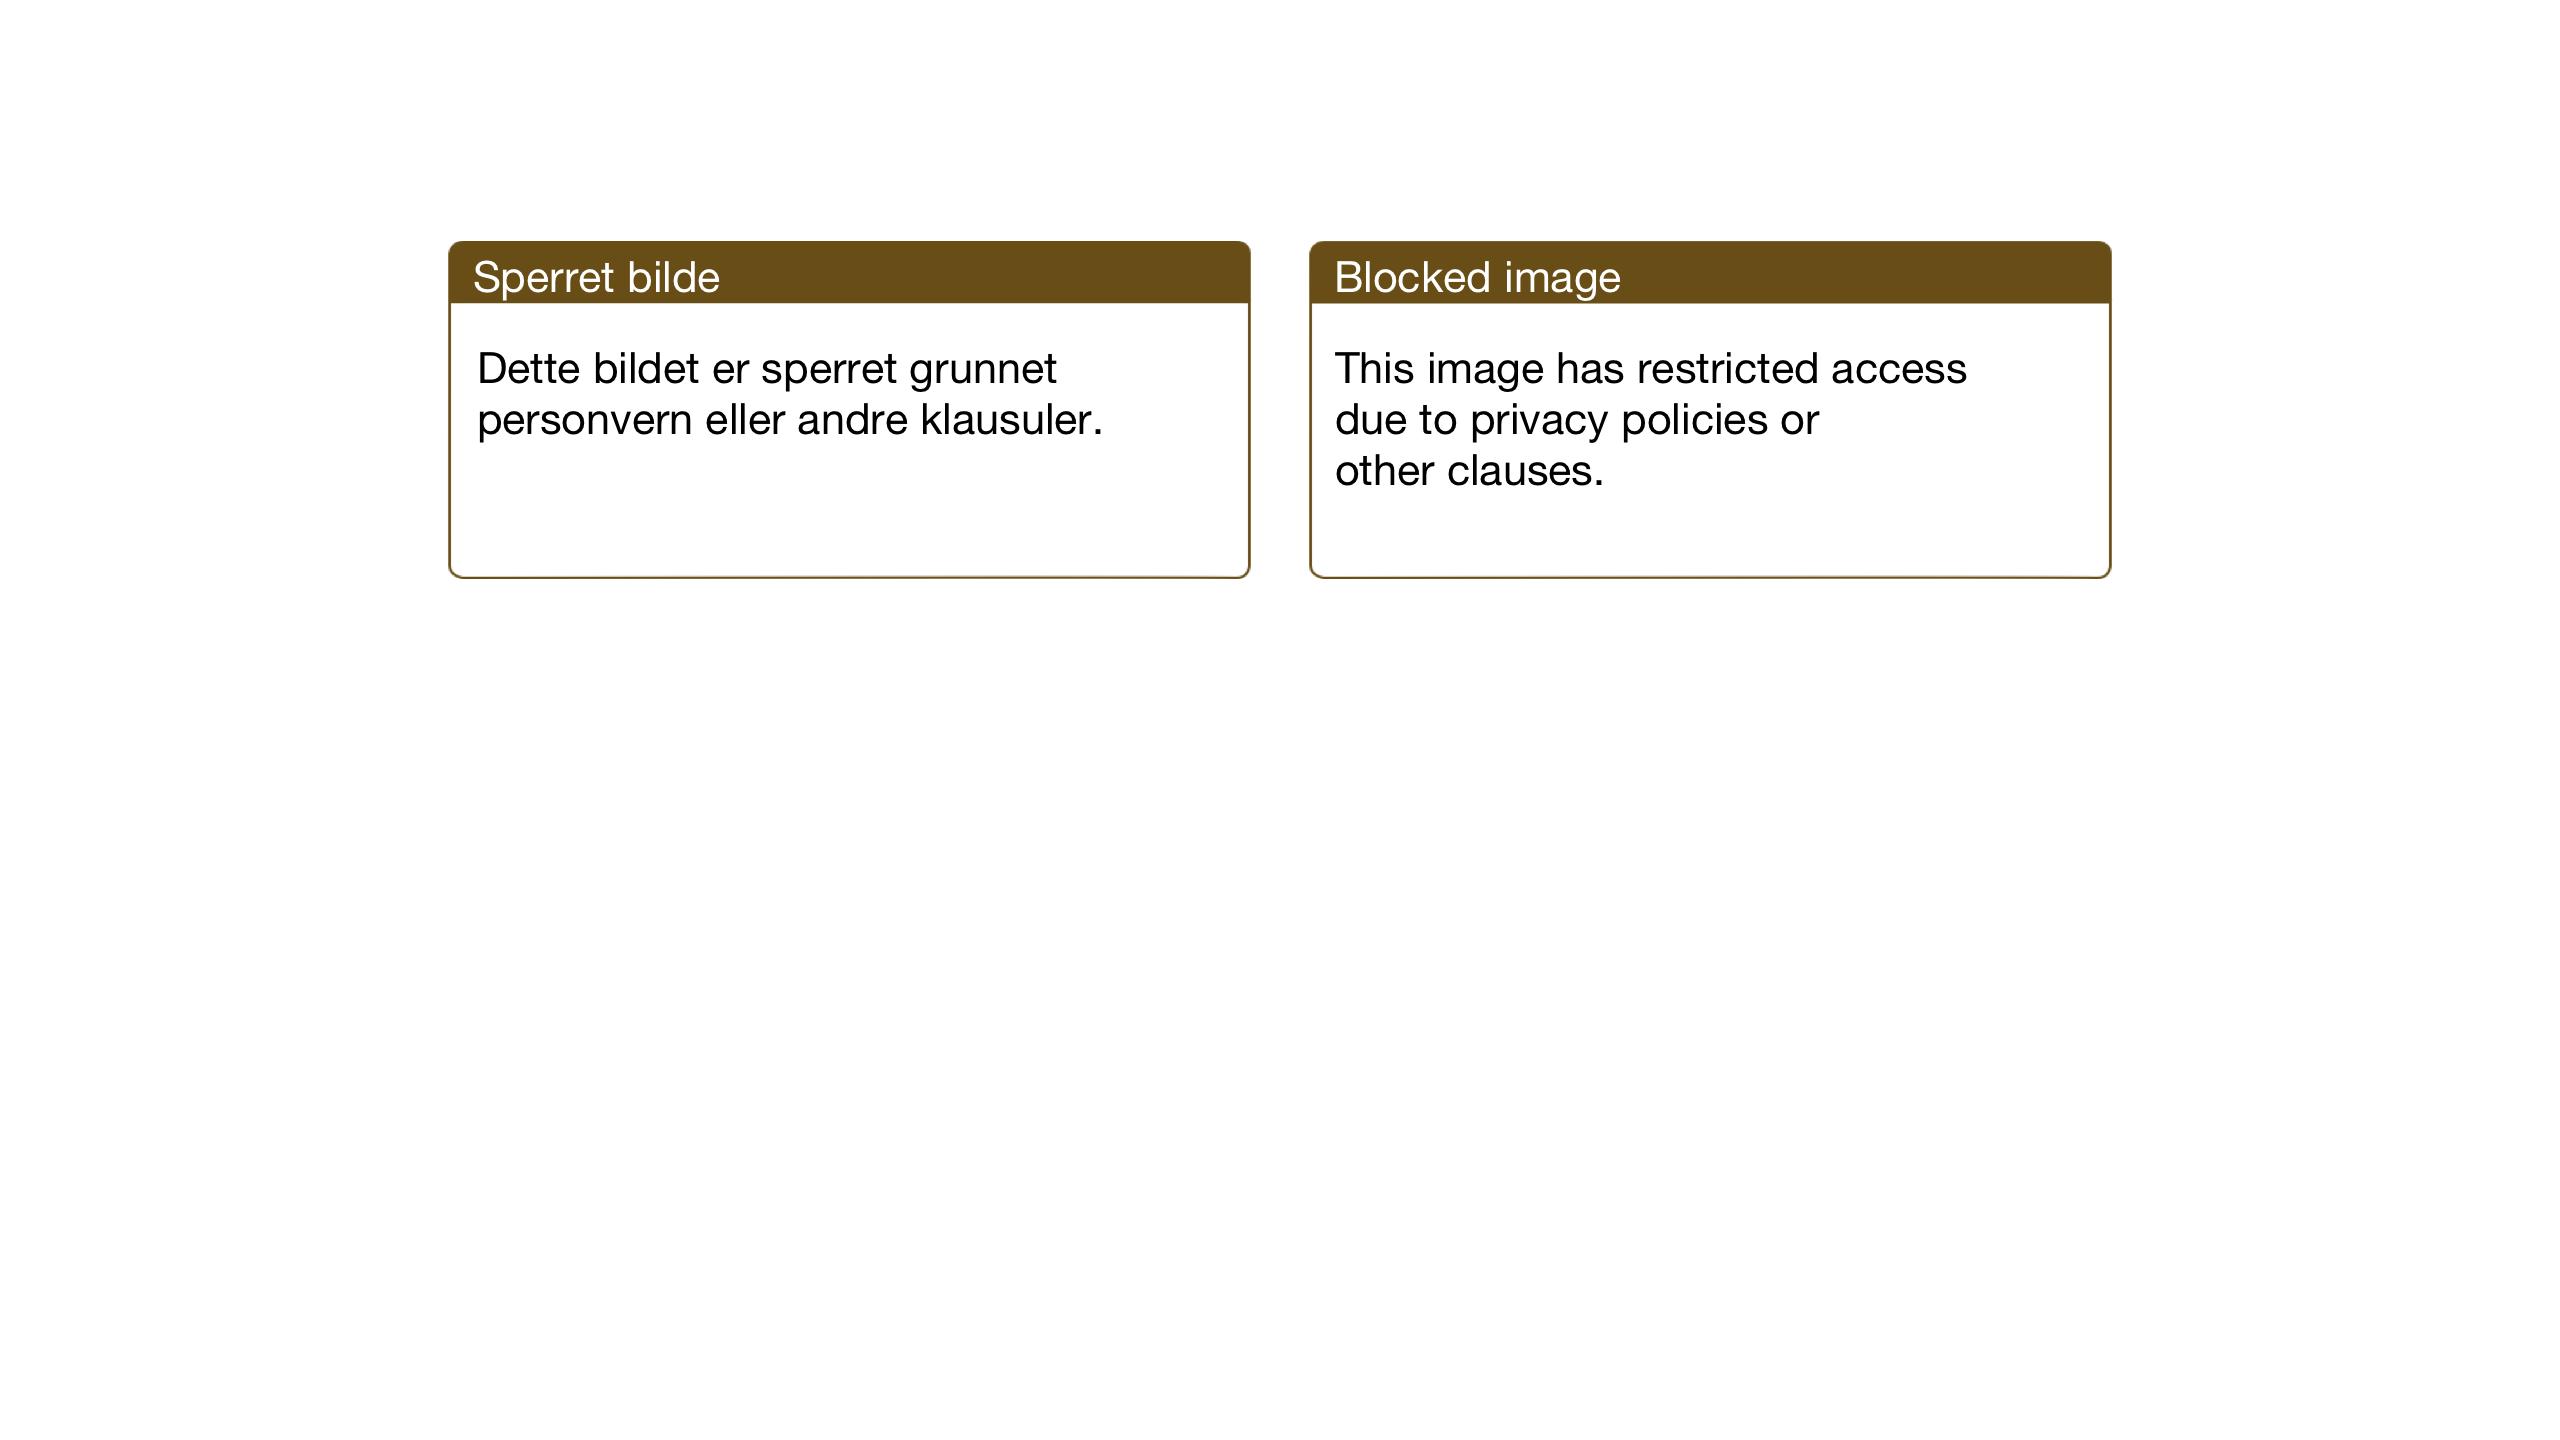 SAT, Ministerialprotokoller, klokkerbøker og fødselsregistre - Nord-Trøndelag, 774/L0631: Klokkerbok nr. 774C02, 1934-1950, s. 123